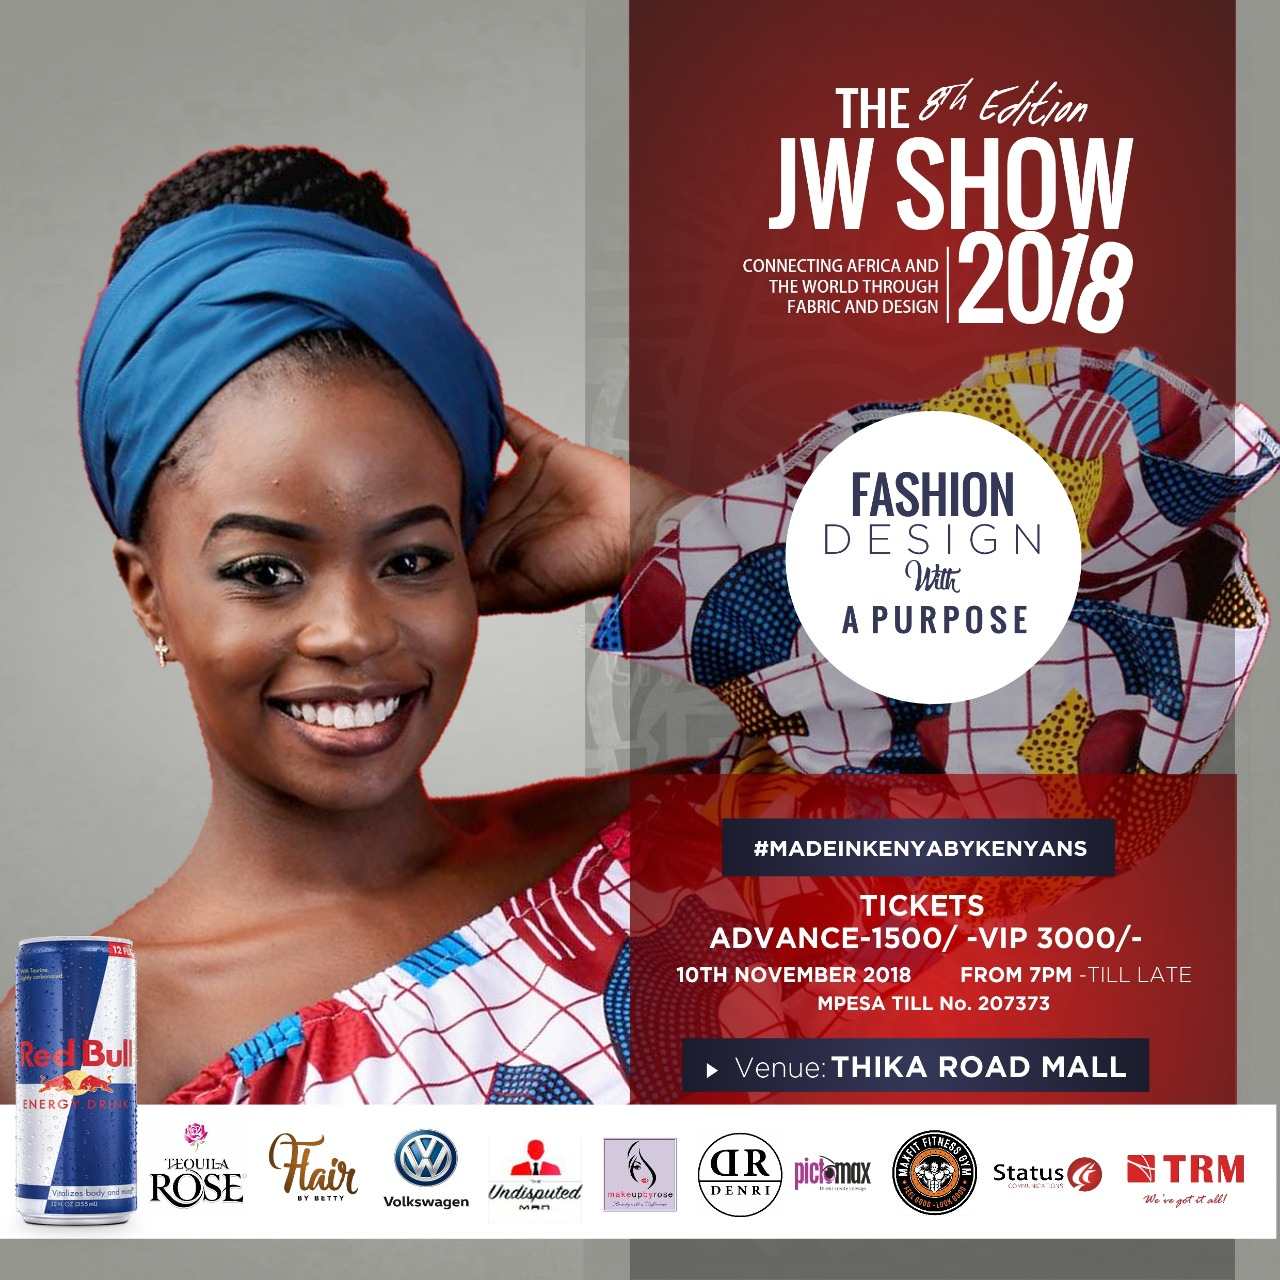 JW Show